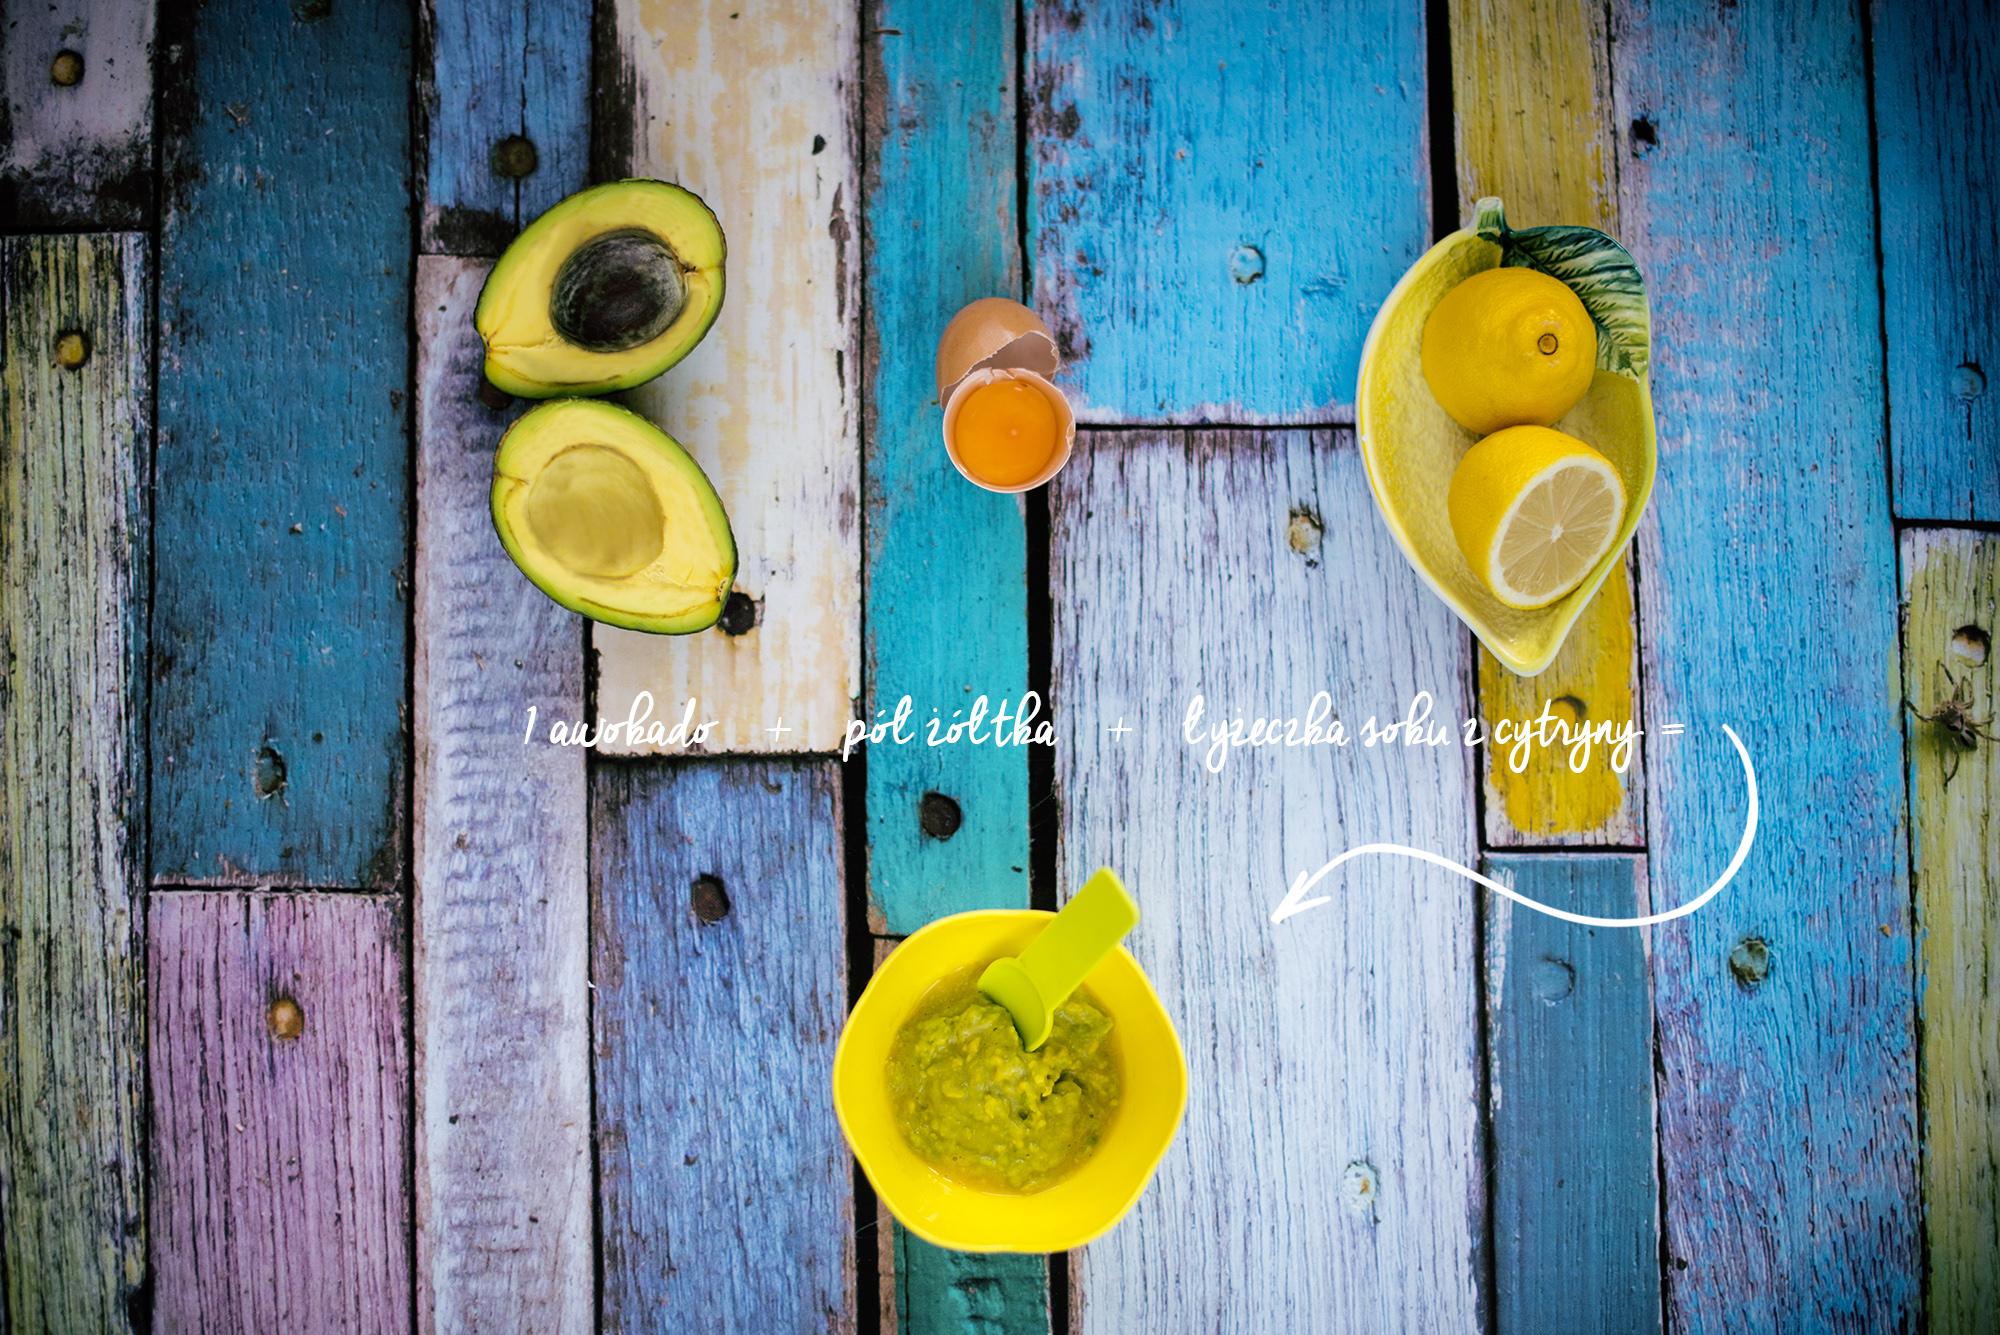 1 awokado, pol zoltka, lyzeczka soku z cytryny 2s